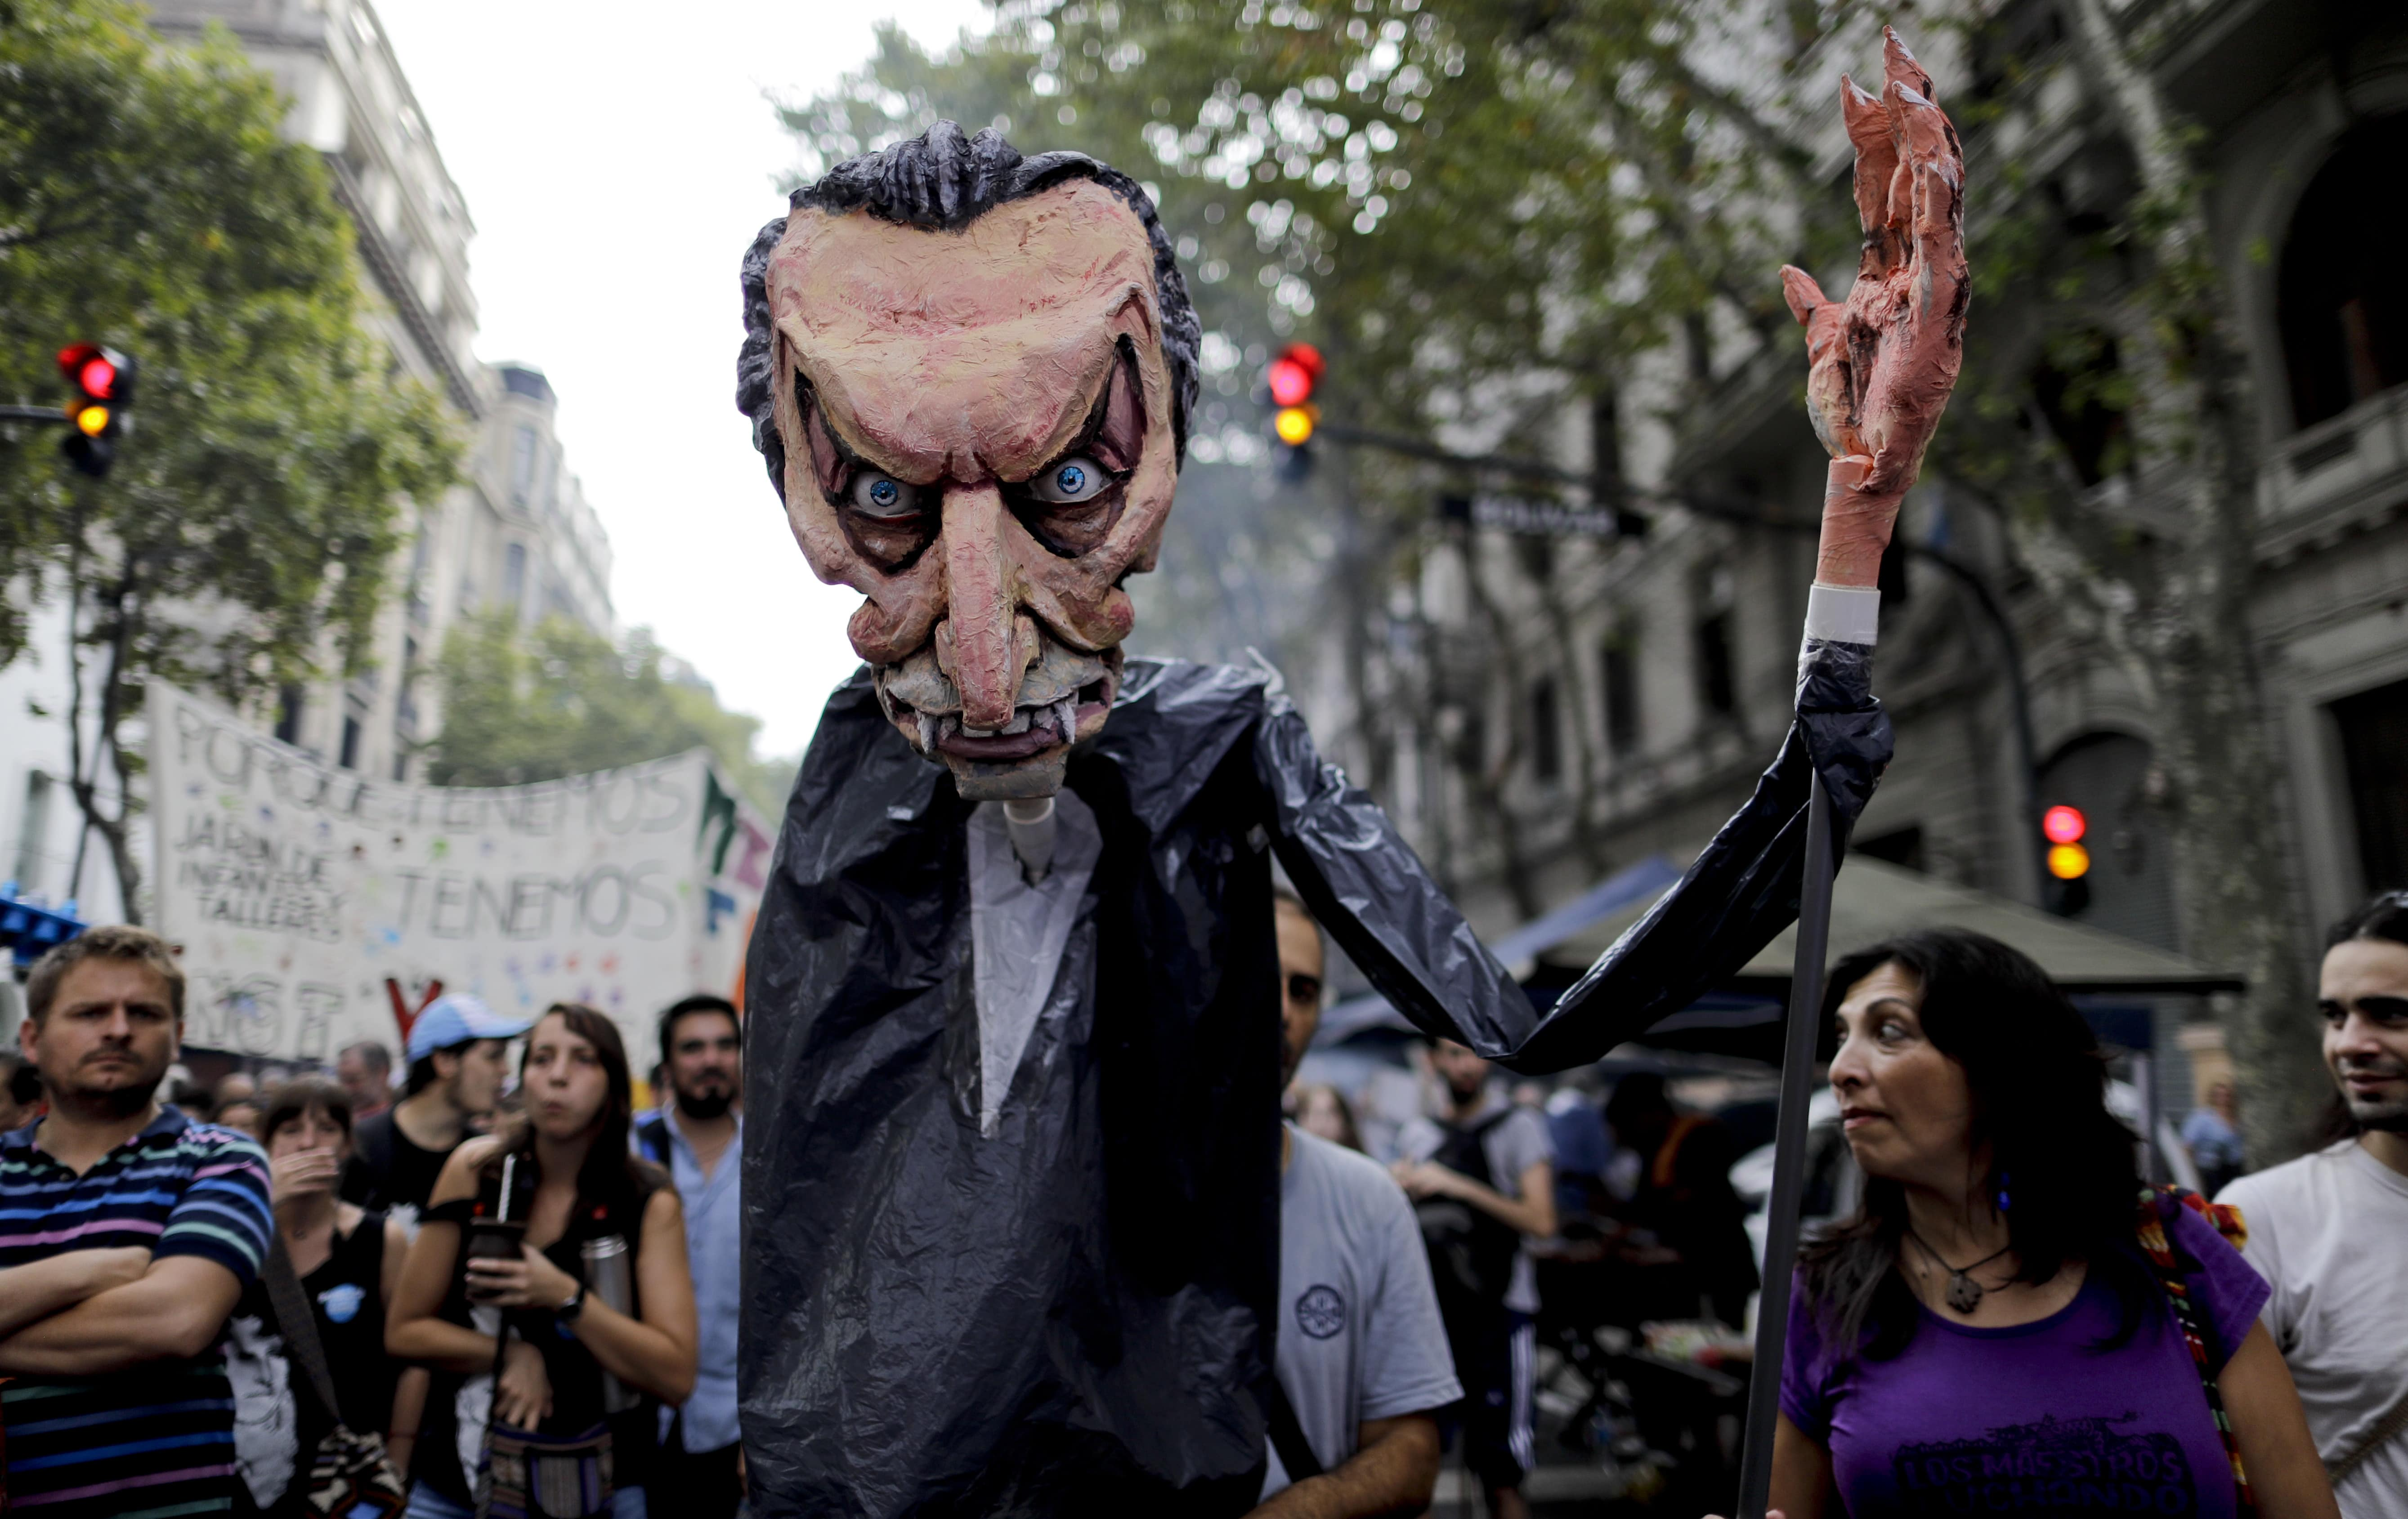 Manifestación contra el caso de corrupción de Odebrecht